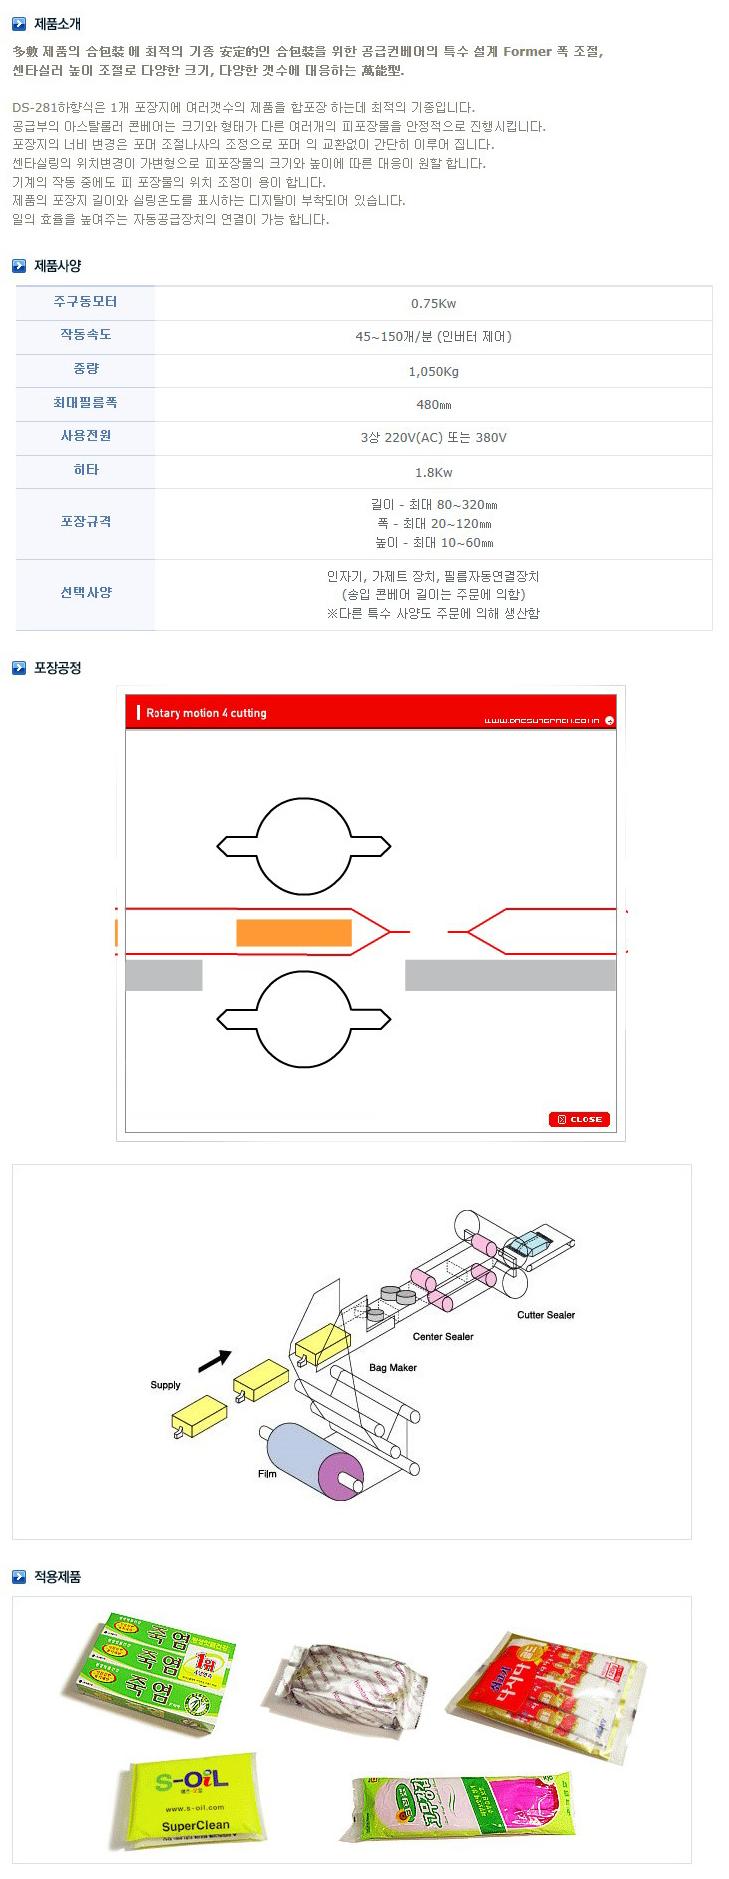 대성자동포장기계 수평형 삼면 자동포장기계 (보급형, 복수물) DS-281U